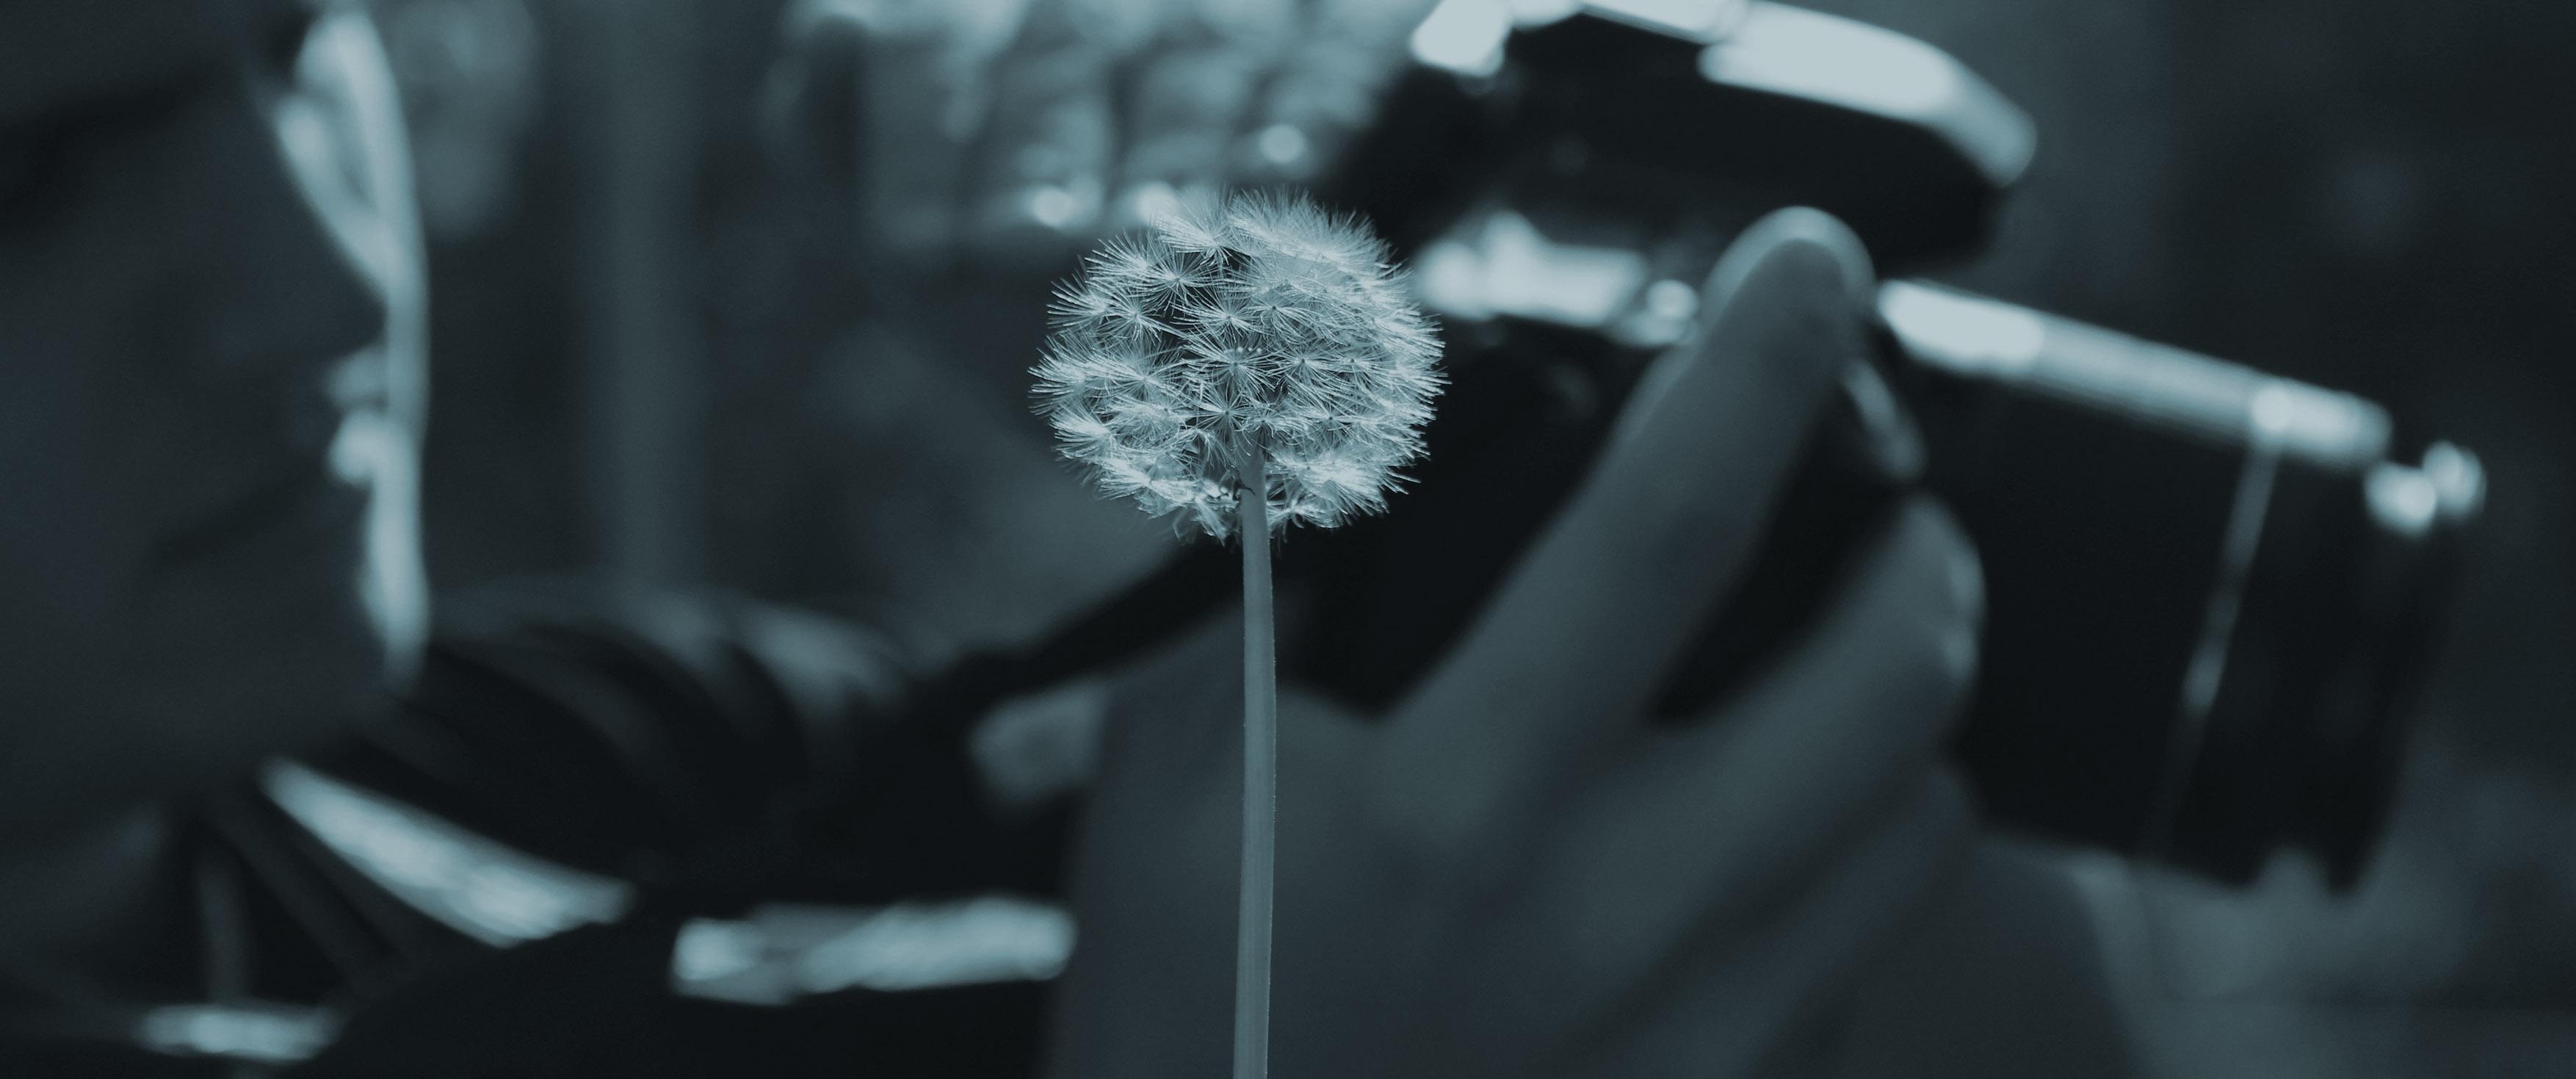 Curso Juvenil de Fotografia de Natureza